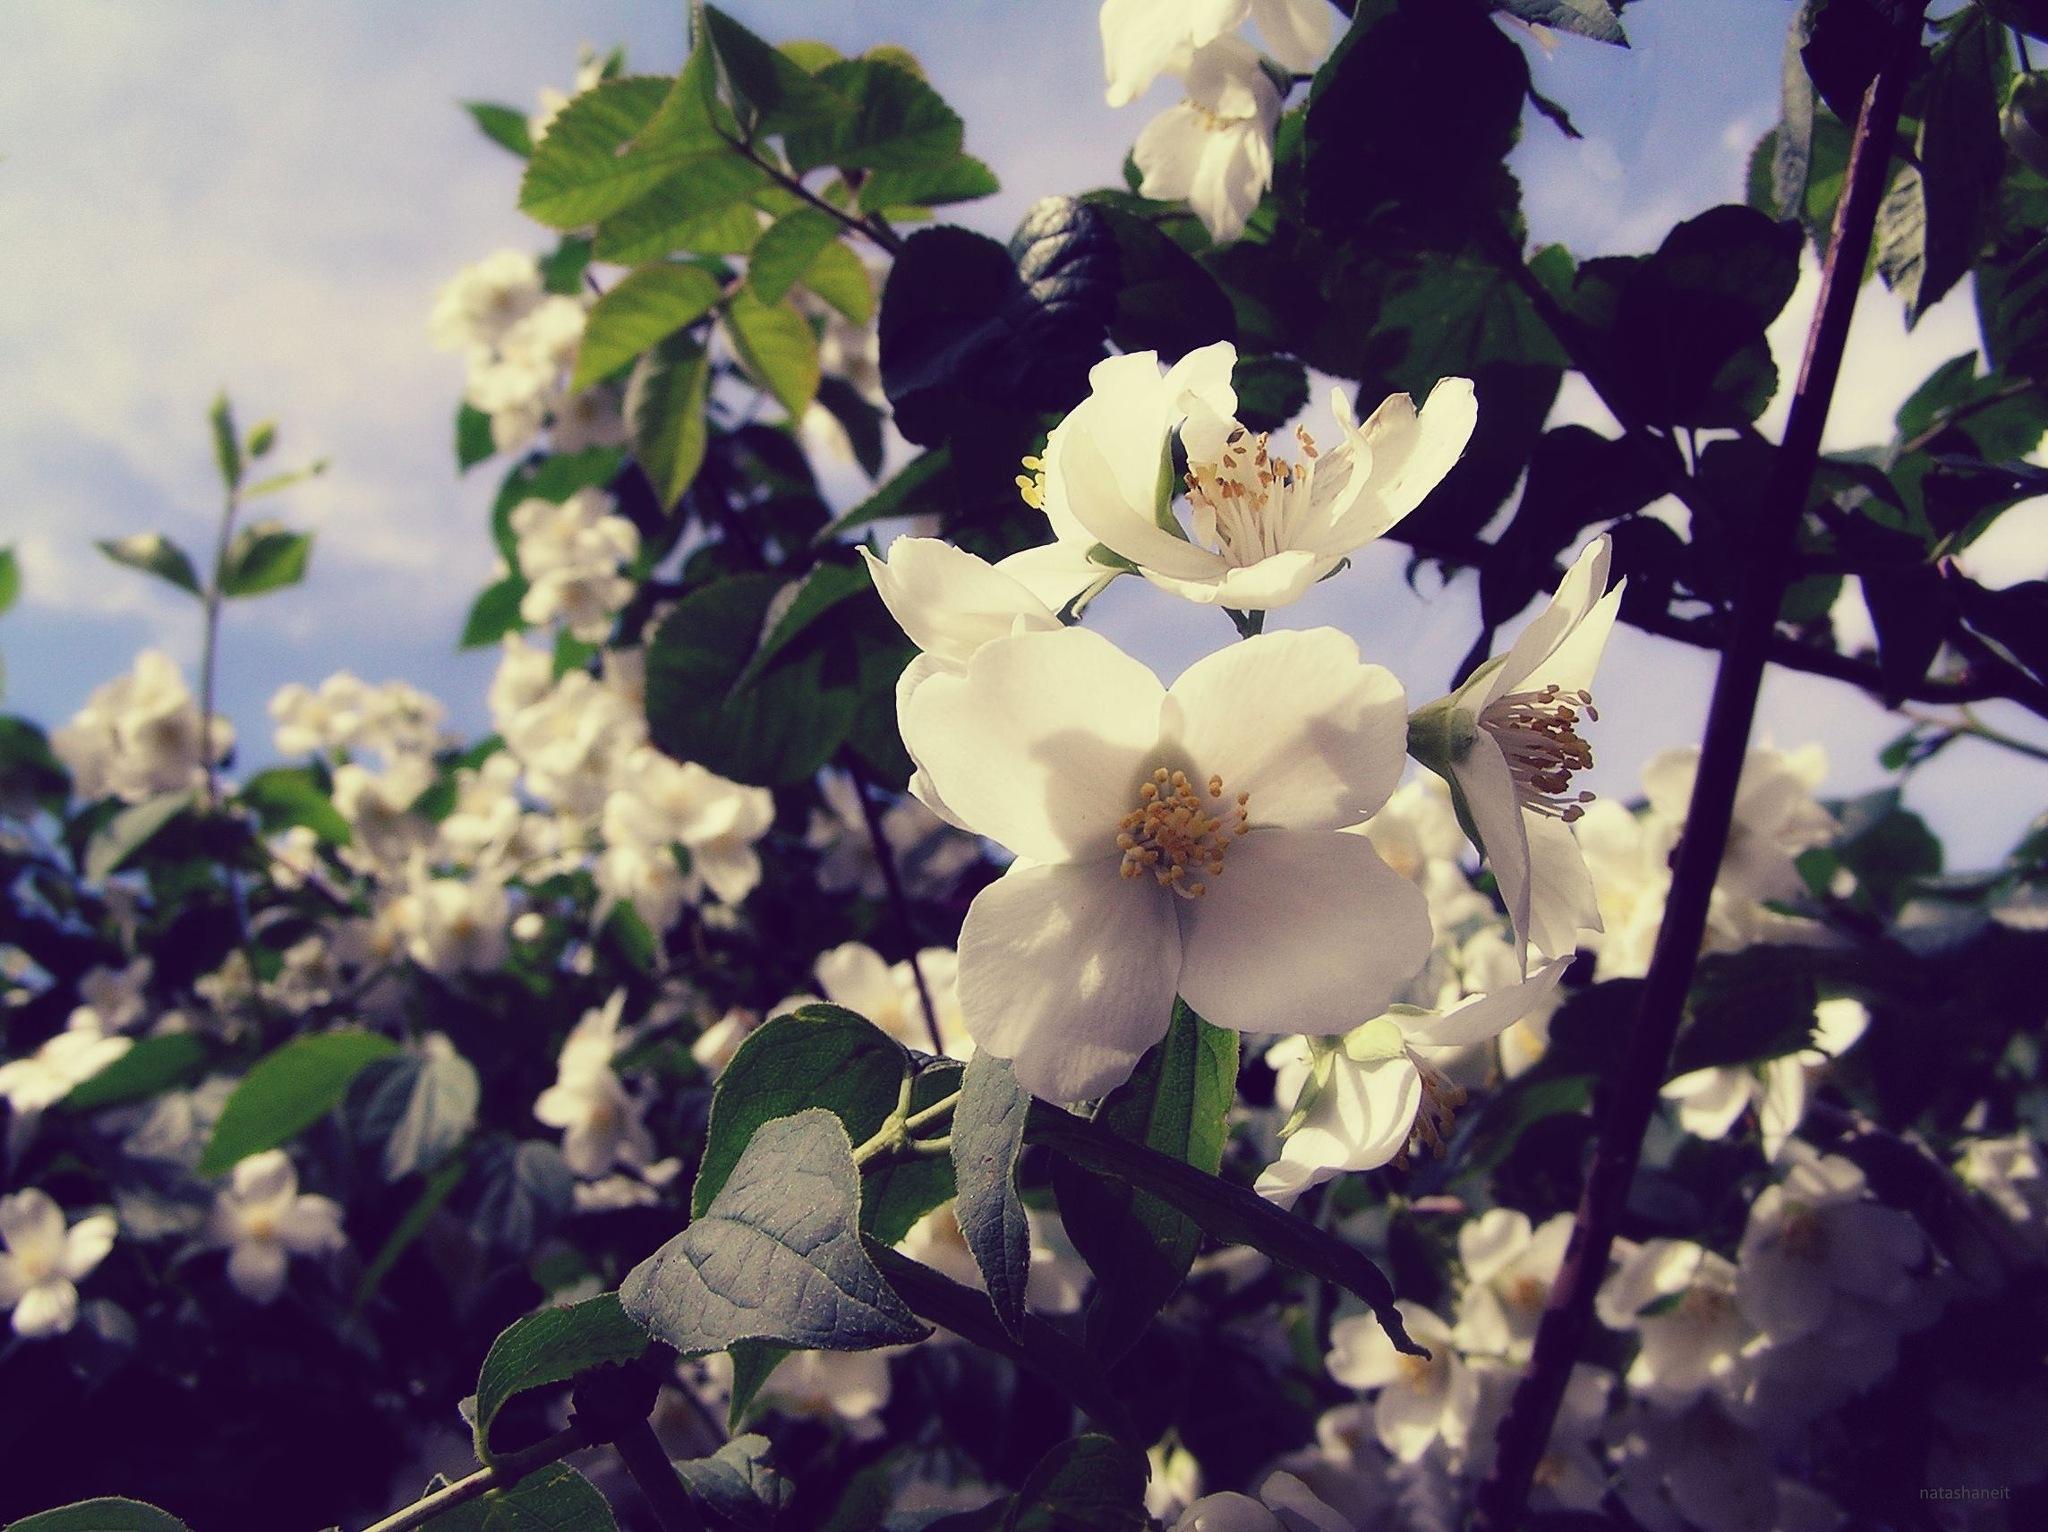 Flowering by natashaneit